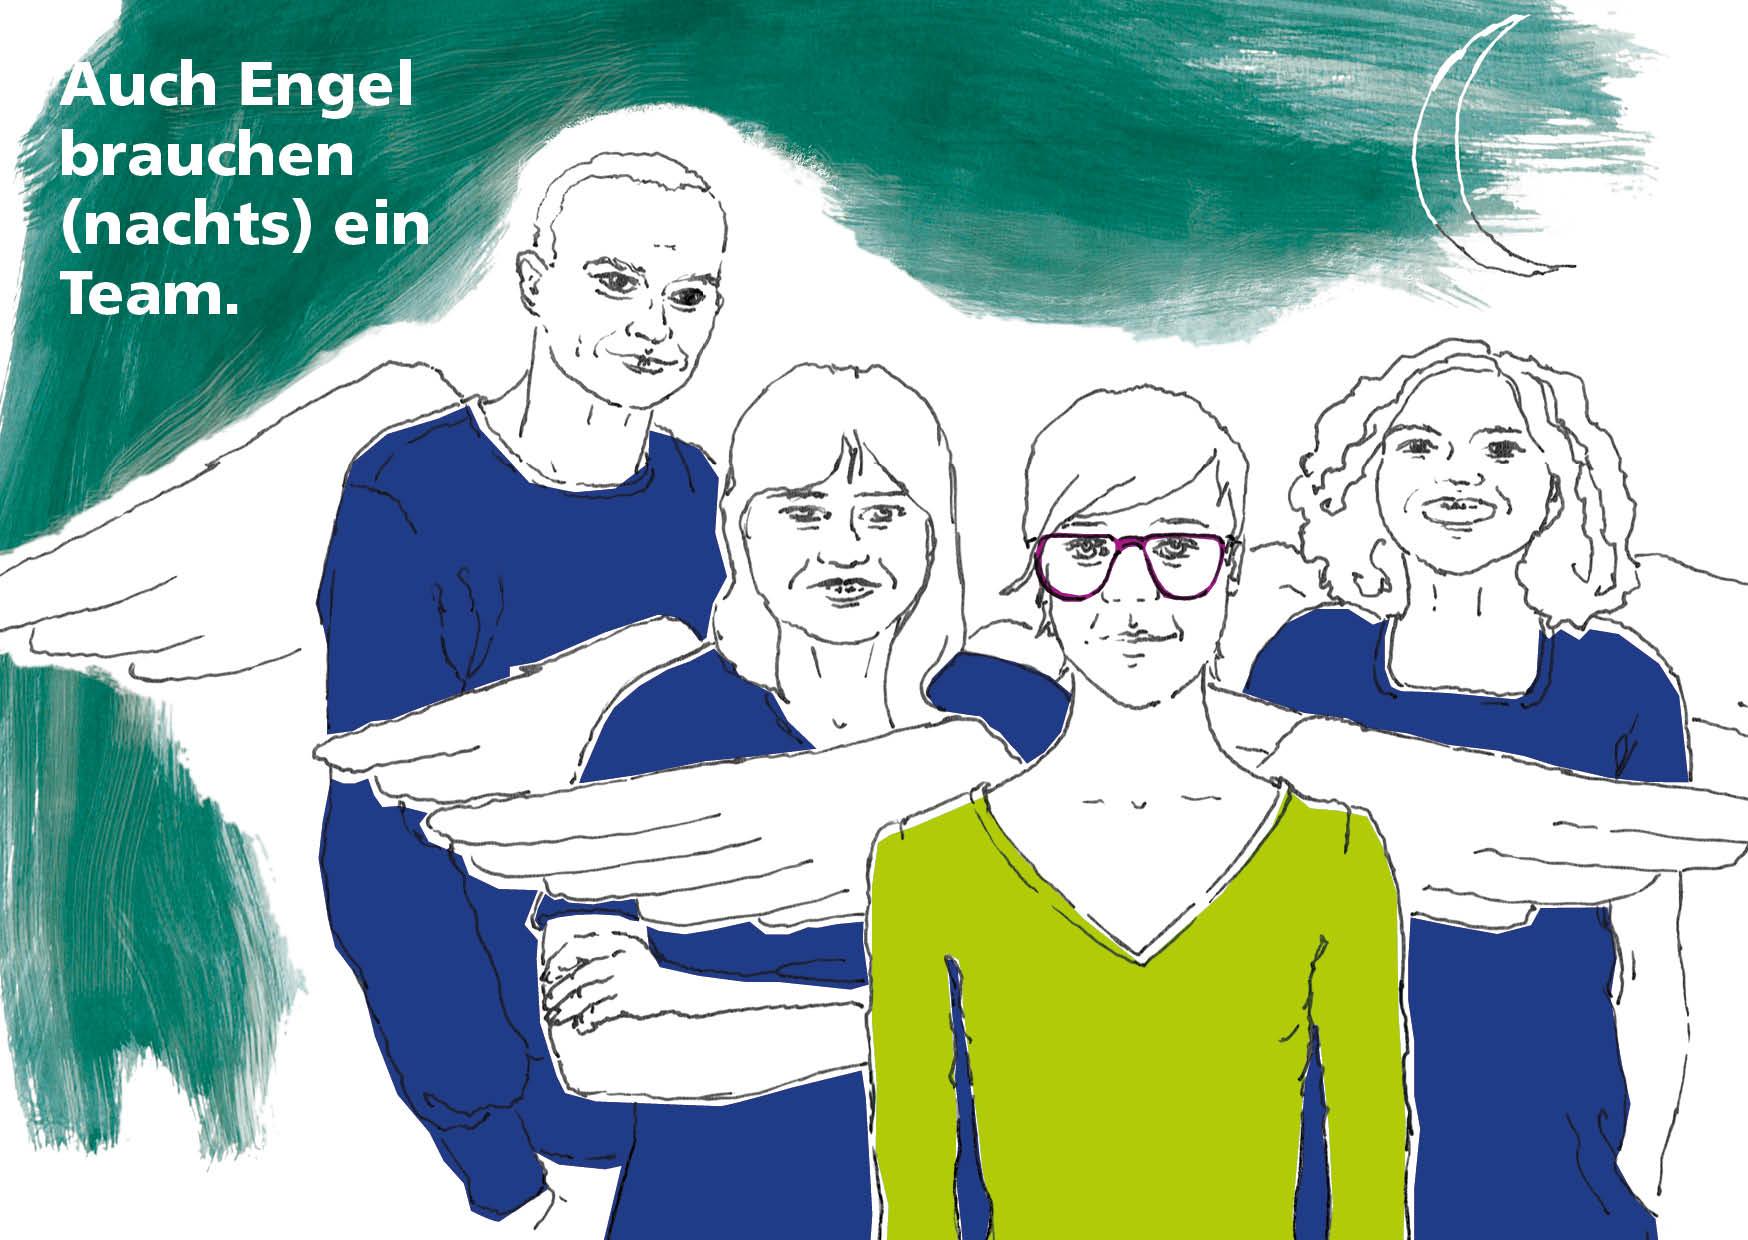 160901_verdi_NRW_Postkarten_Engel brauchen_04